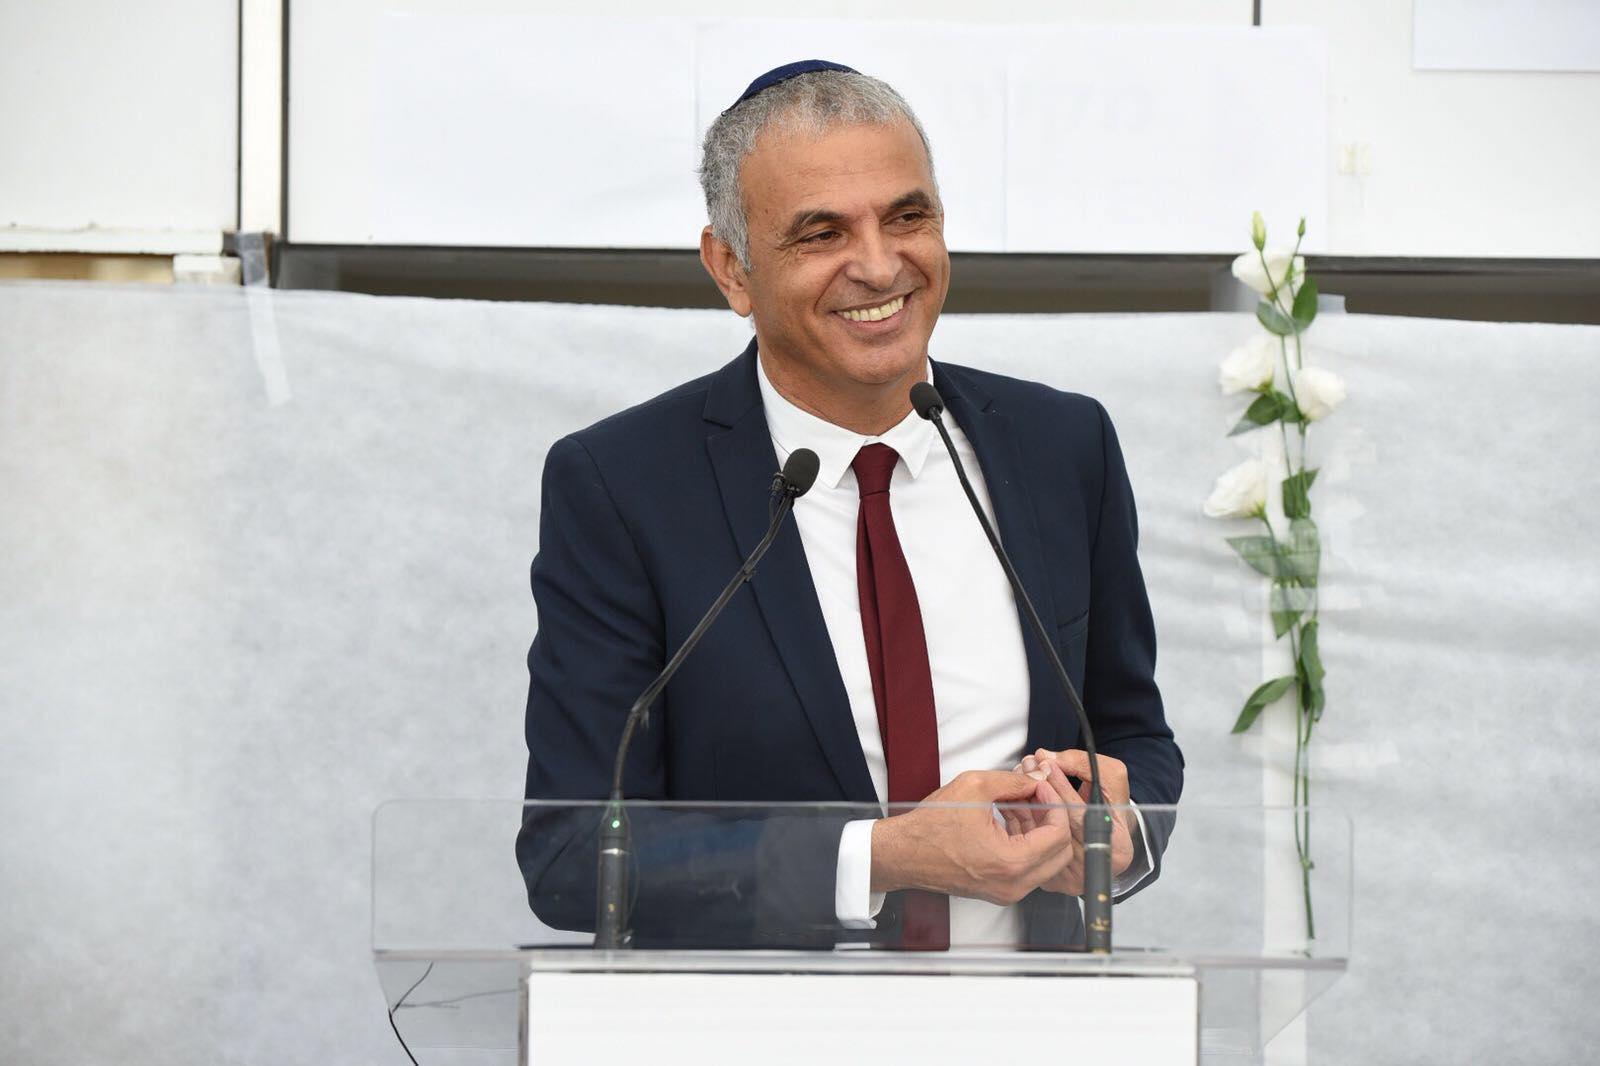 """גלרייה - הרמת כוסית לכבוד ראש השנה תשע""""ט 5.09.2018 תמונה 3 מתוך 8"""